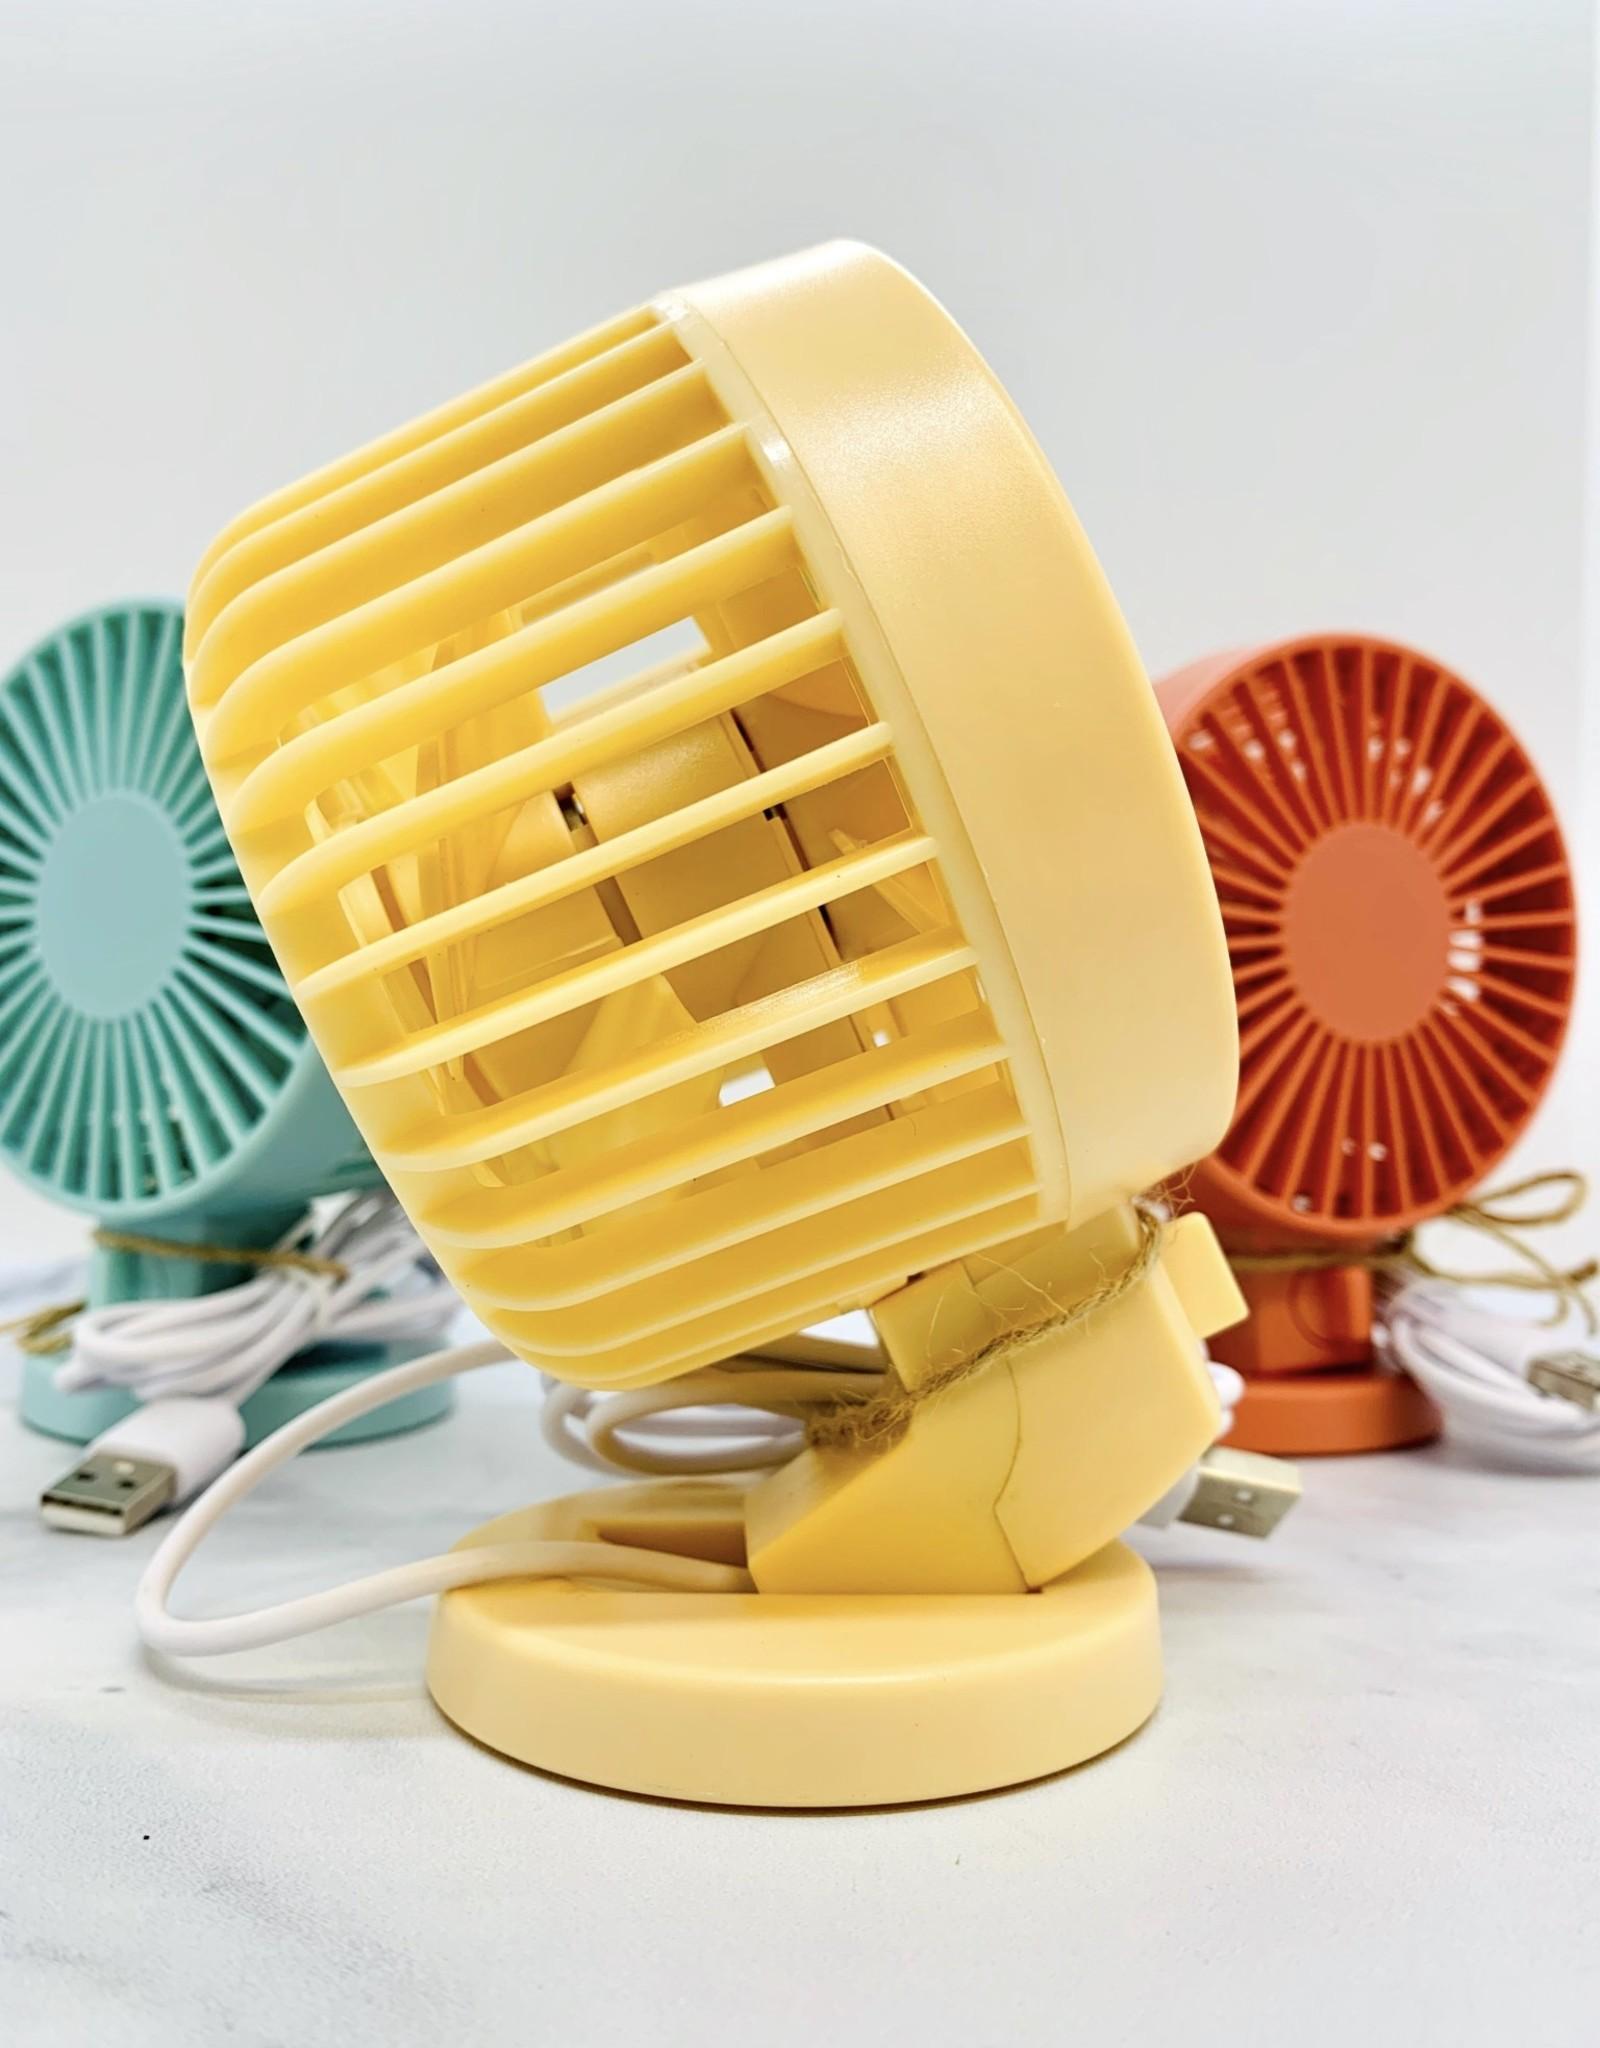 STREAMLINE Dual Turbo Desk Fan USB Cable